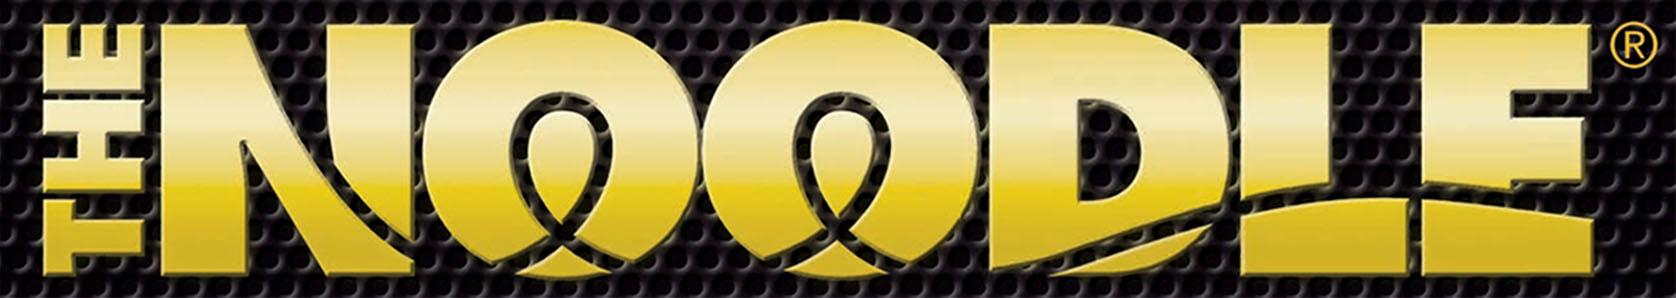 the-noodle-logo.jpg